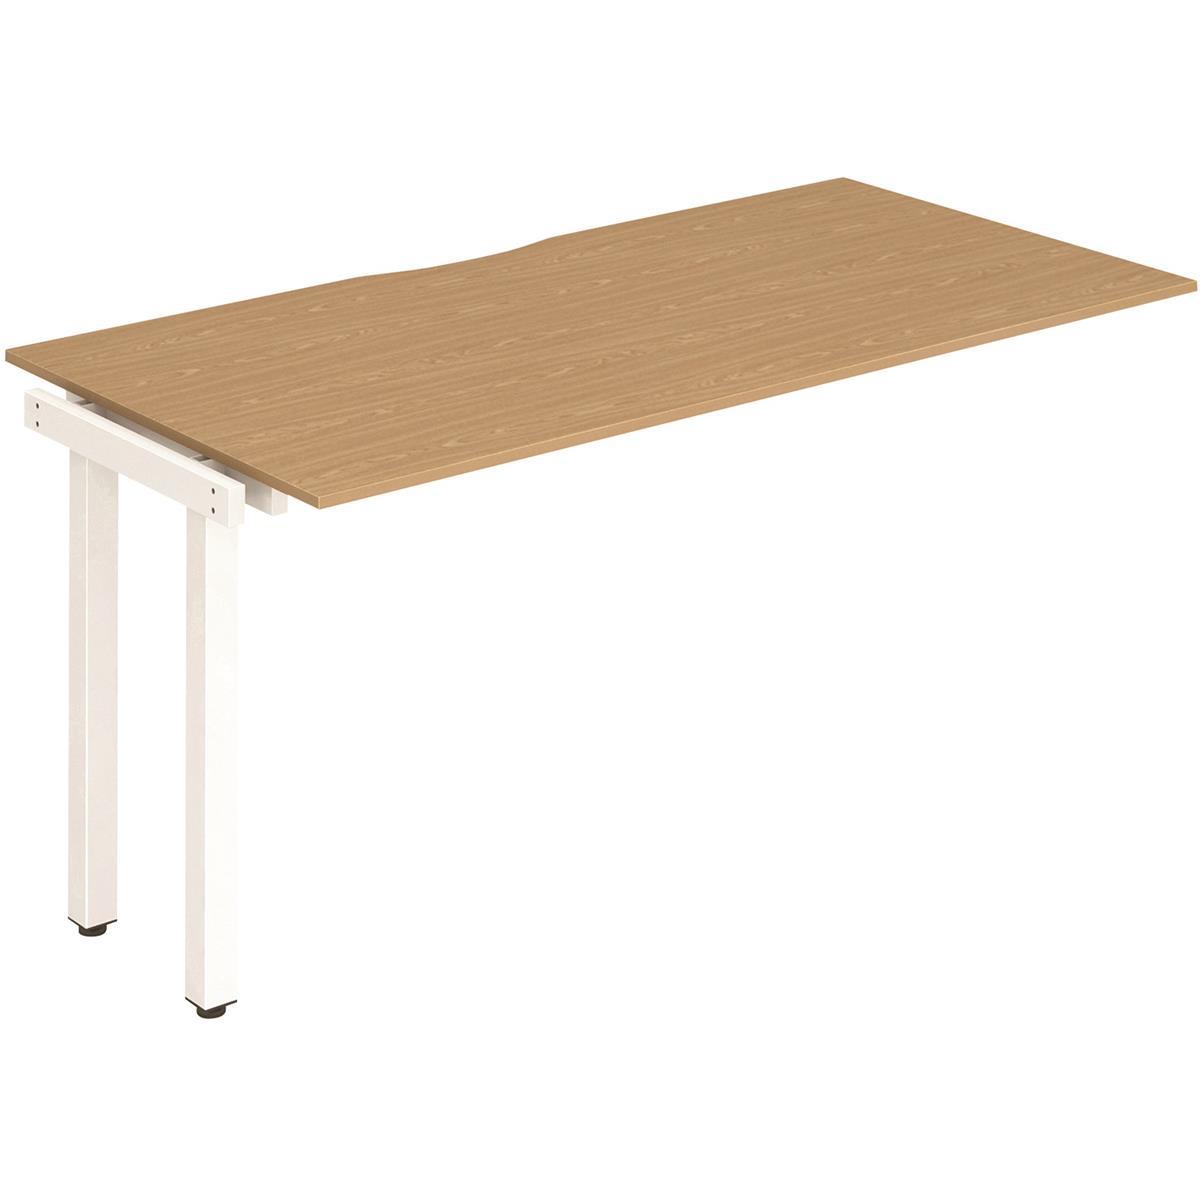 Trexus Bench Desk Single Extension White Leg 1600x800mm Oak Ref BE308